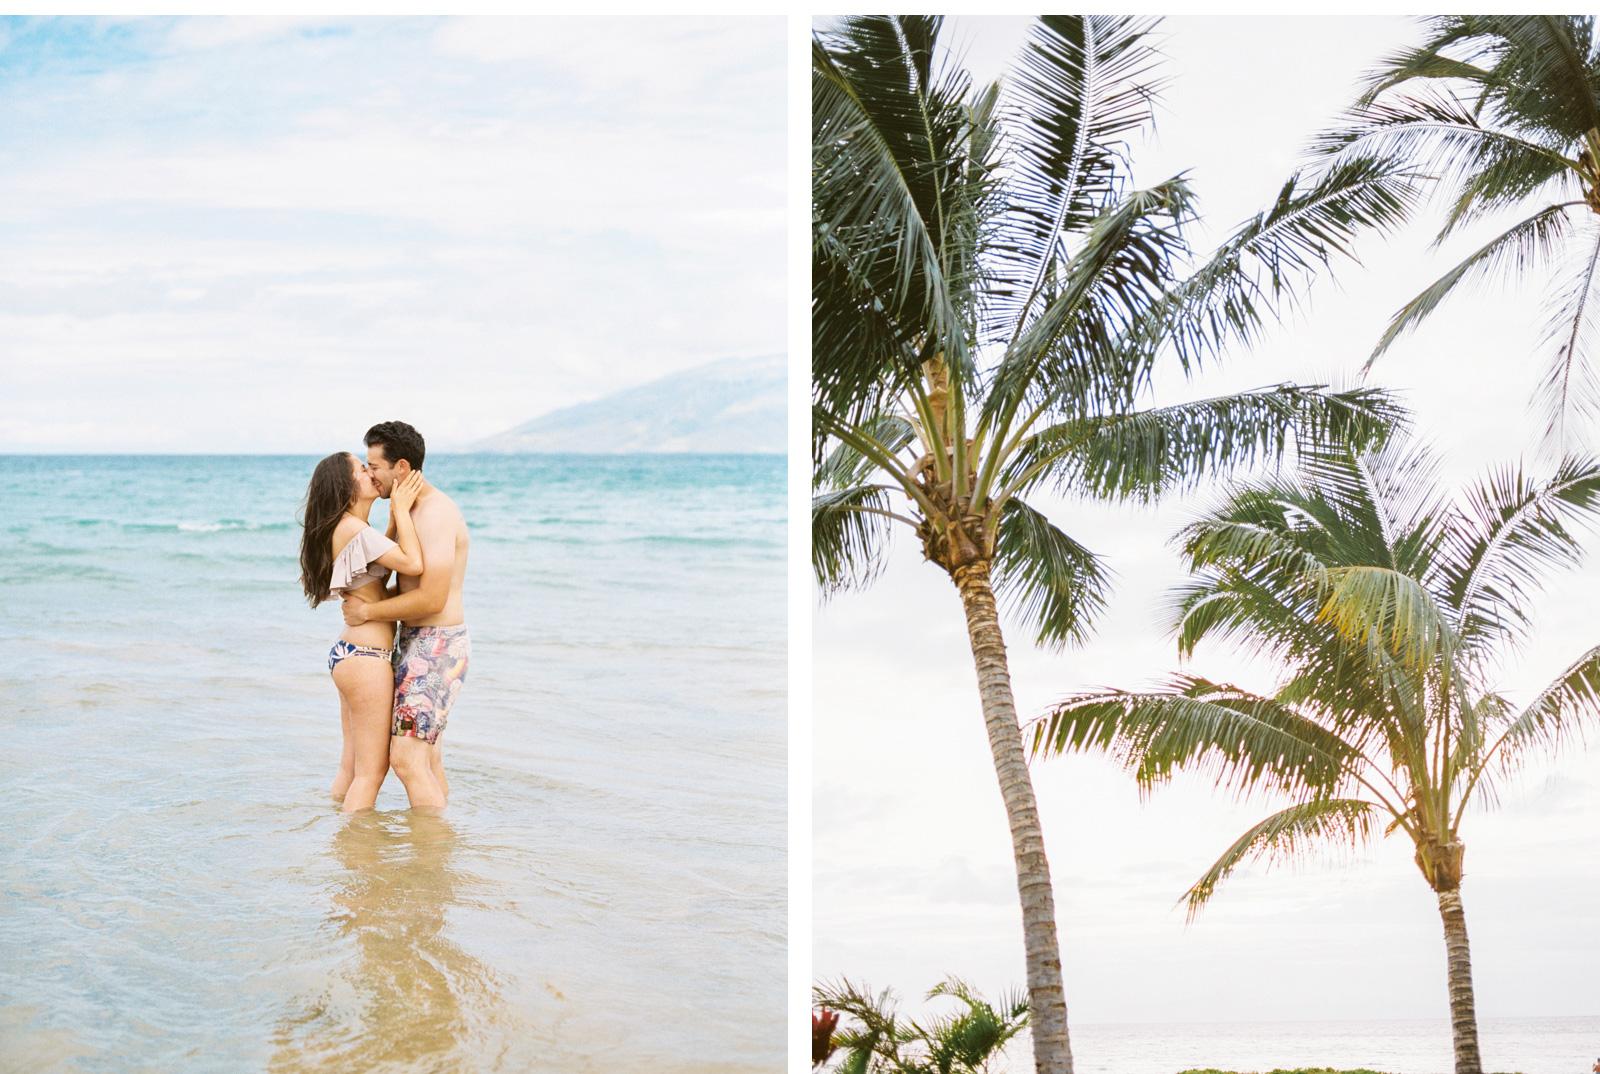 Hawaii-Wedding-Photographer-Natalie-Schutt-Photography_02.jpg